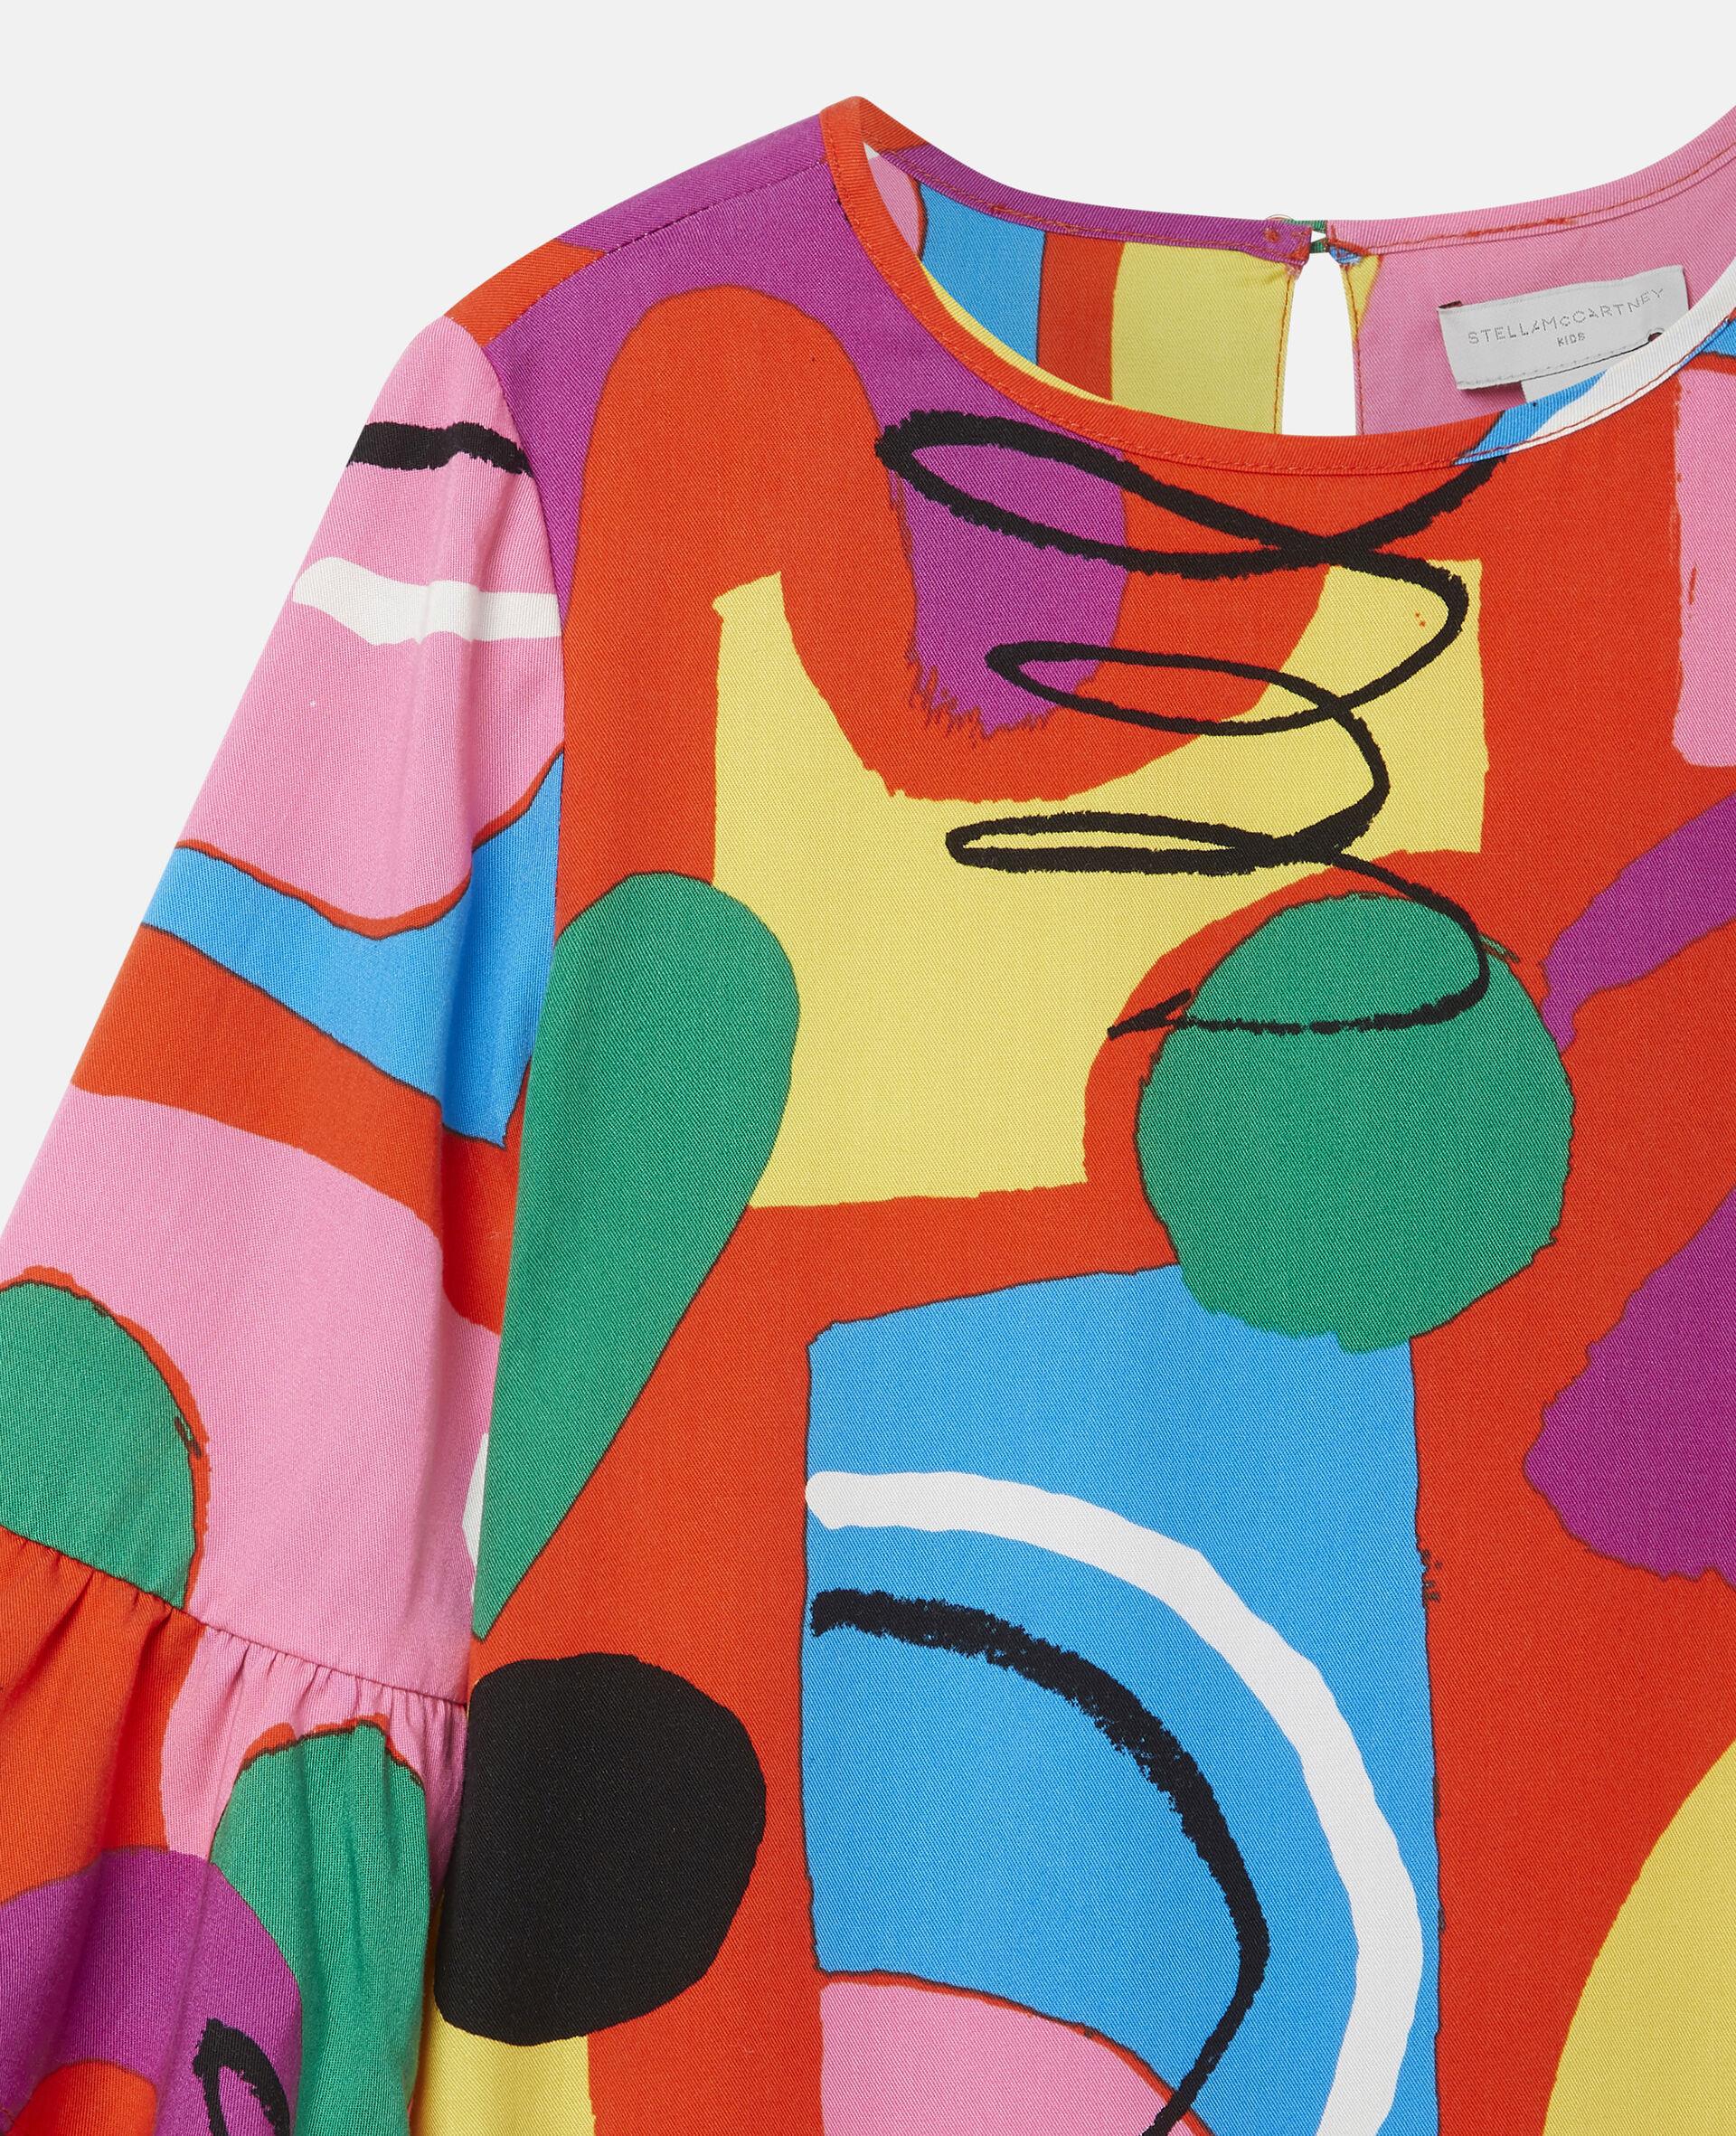 彩绘天丝斜纹布连衣裙-Multicolored-large image number 2